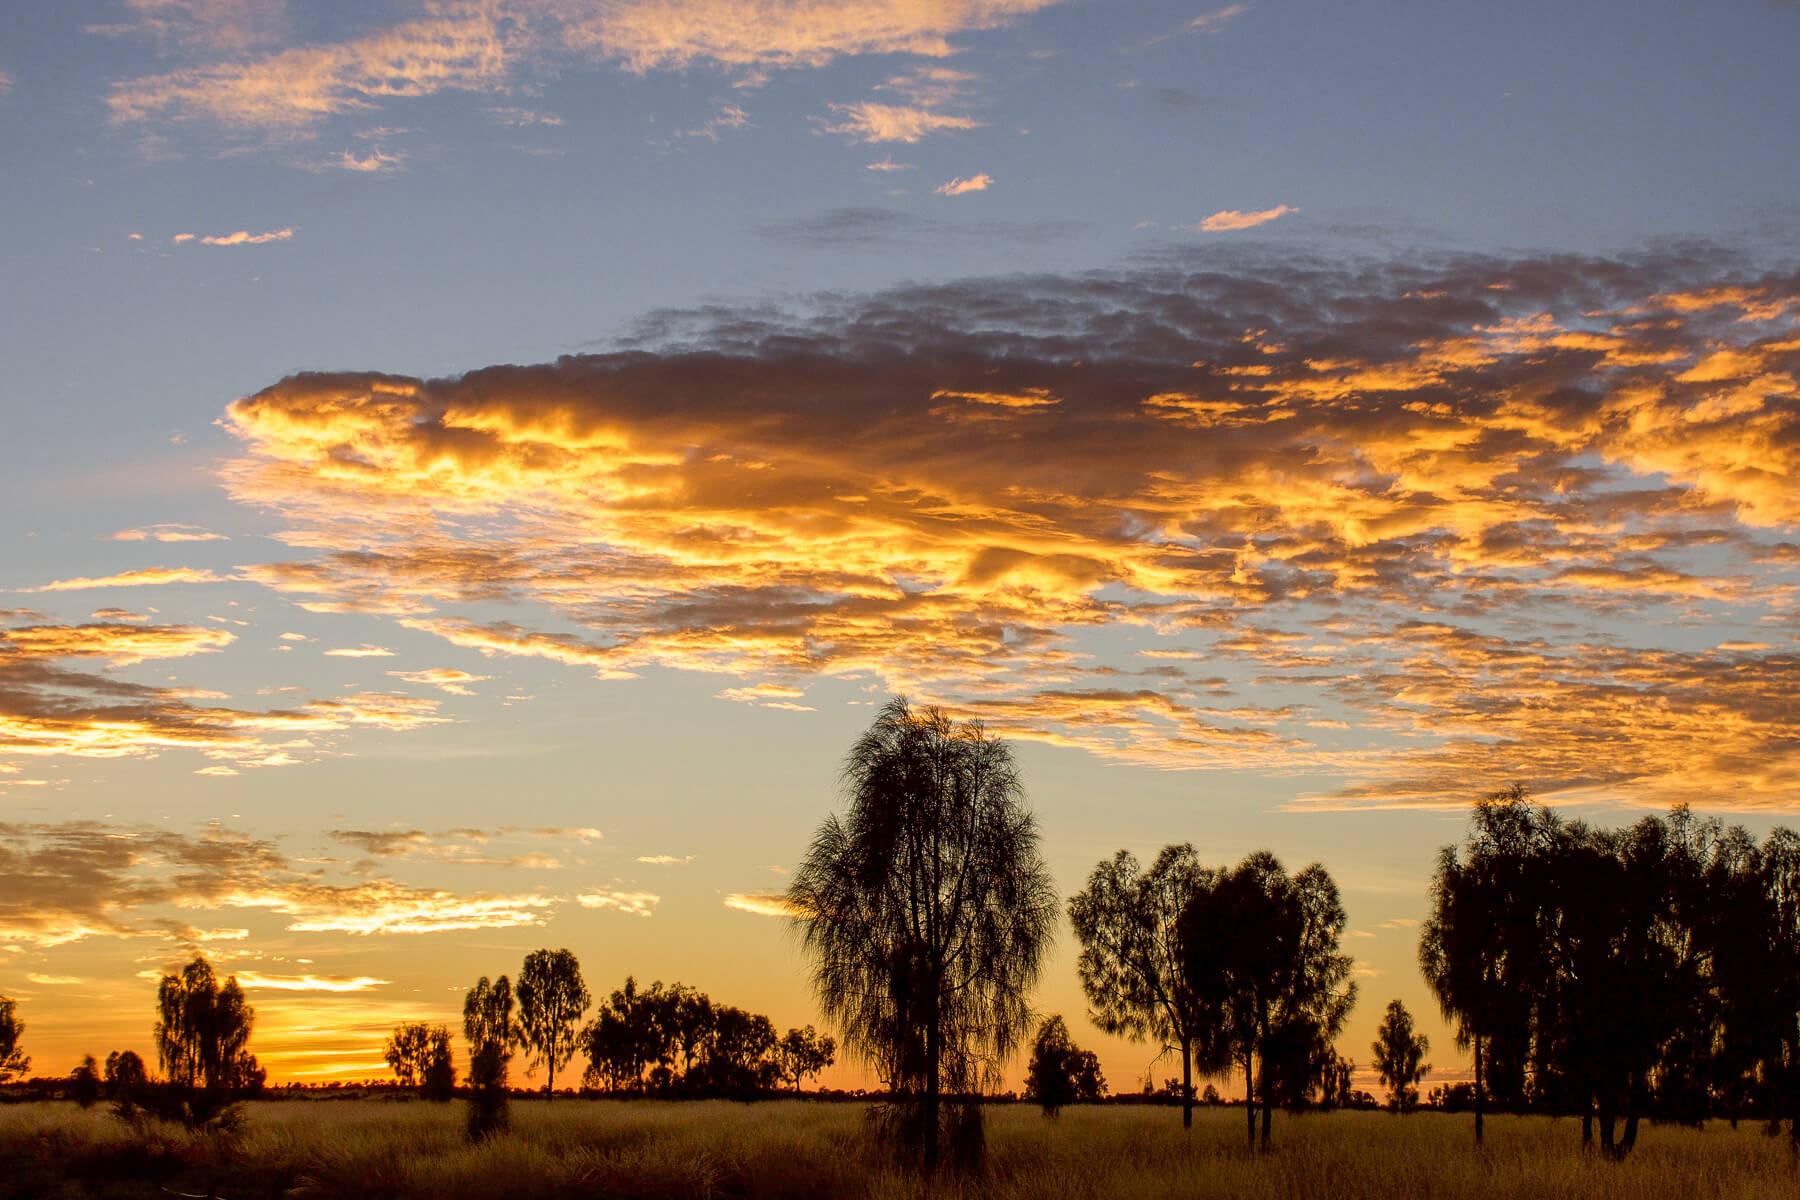 Yellow golden sunrise over desert trees